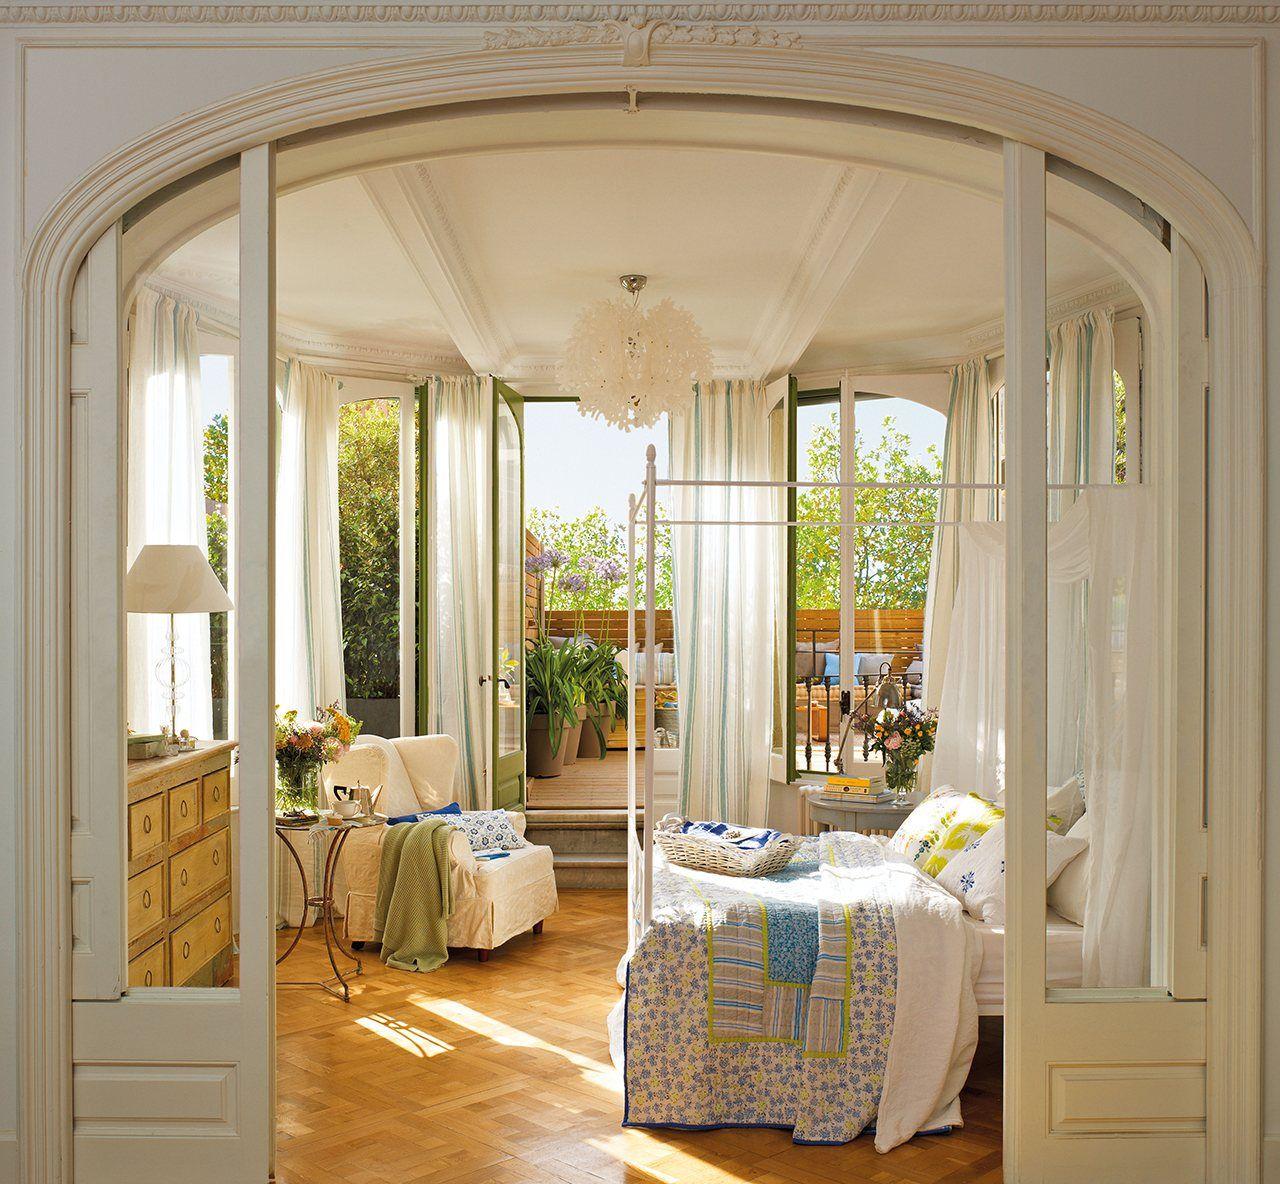 10 dormitorios de ensue o dormitorios - Dormitorios de ensueno ...